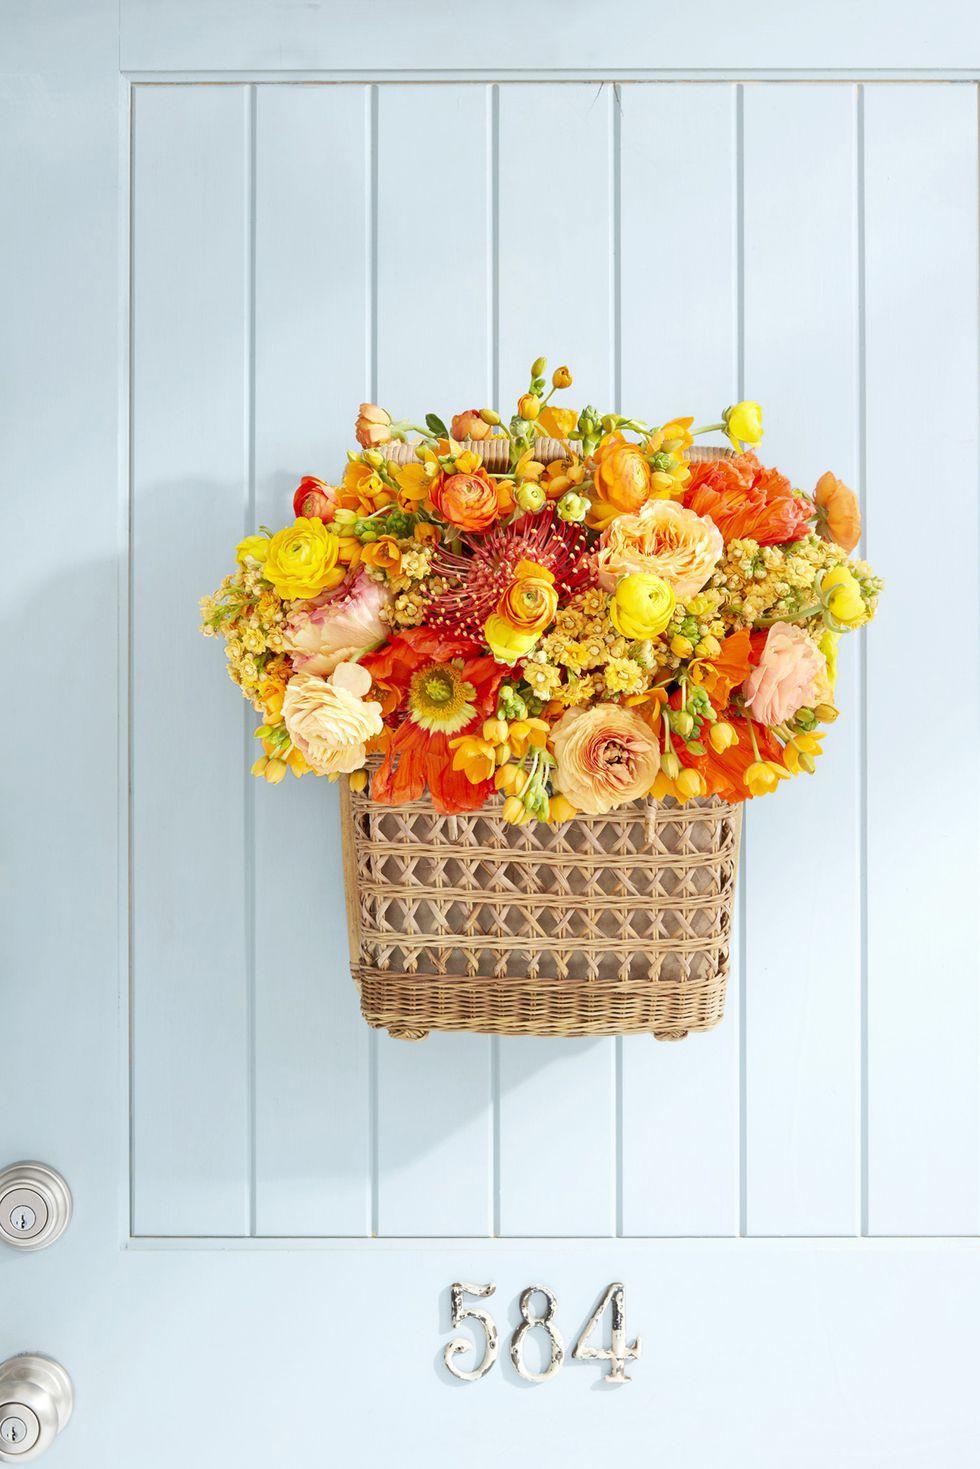 9 cách tận dụng đồ cũ làm hoa treo vừa xinh đẹp vừa tiết kiệm để trang trí trước cửa nhà   - Ảnh 5.